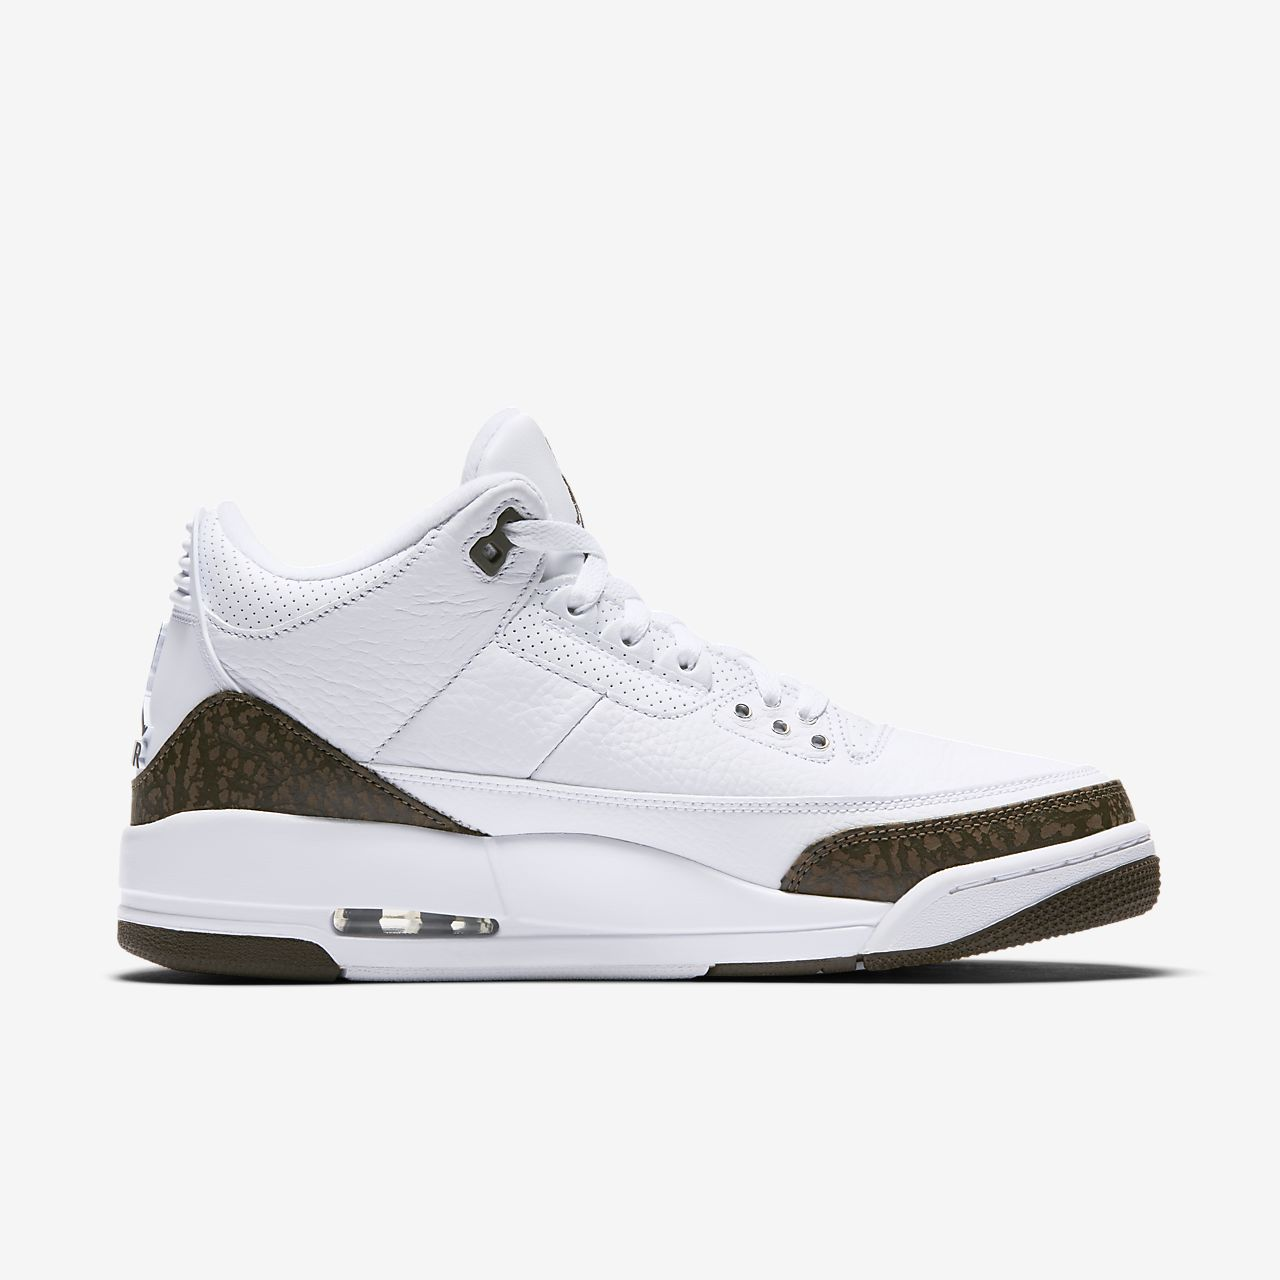 sports shoes 9c122 4bd5b ... Chaussure Air Jordan 3 Retro pour Homme